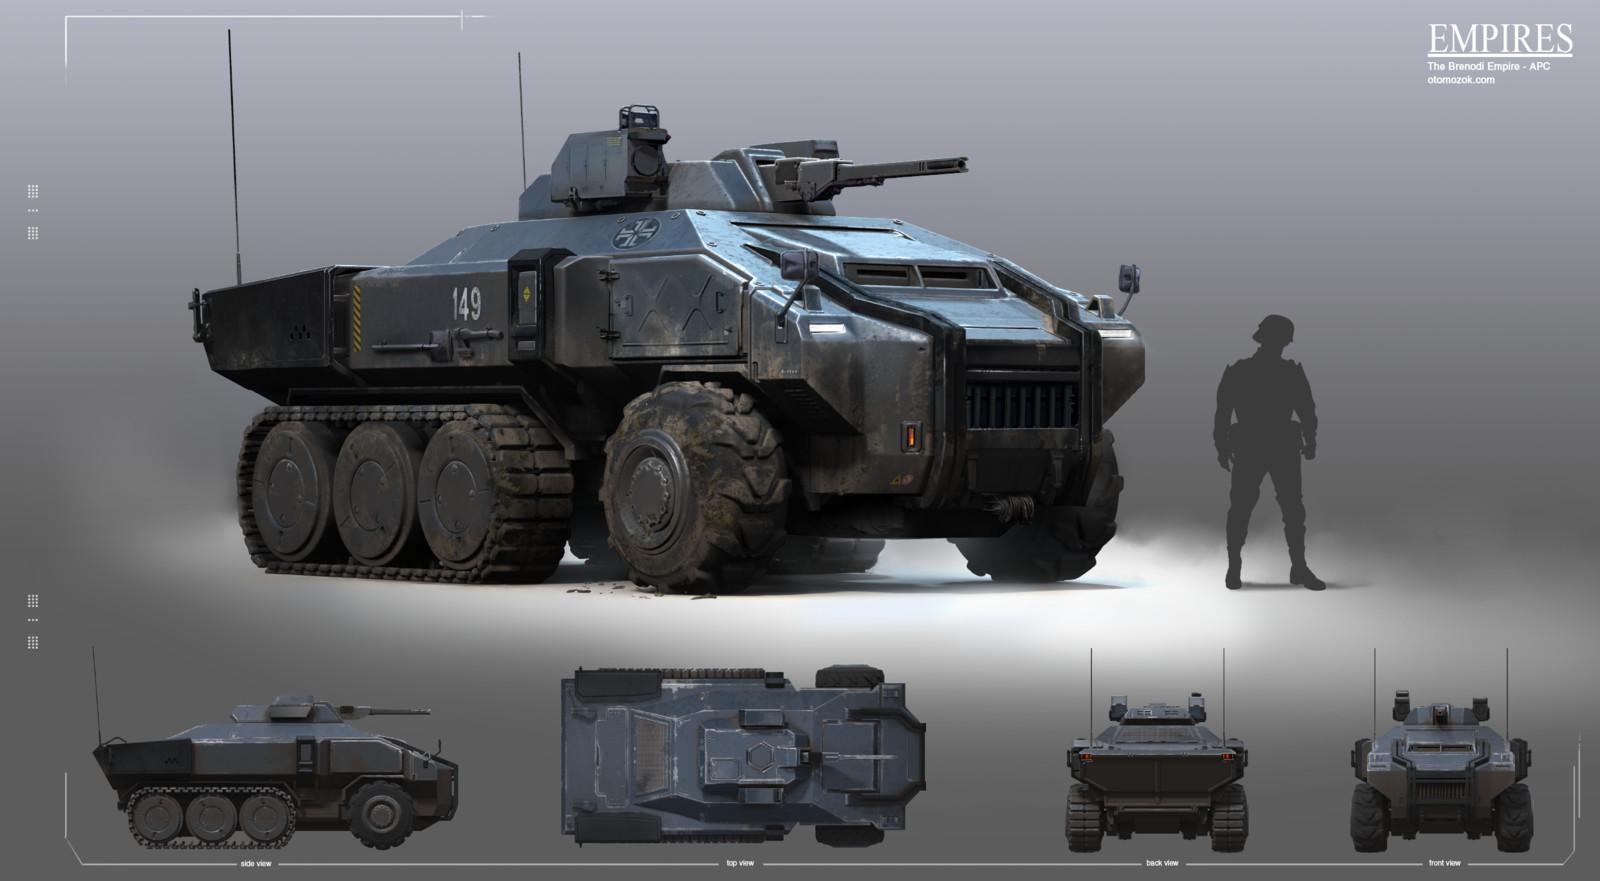 EMPIRES - Vehicles